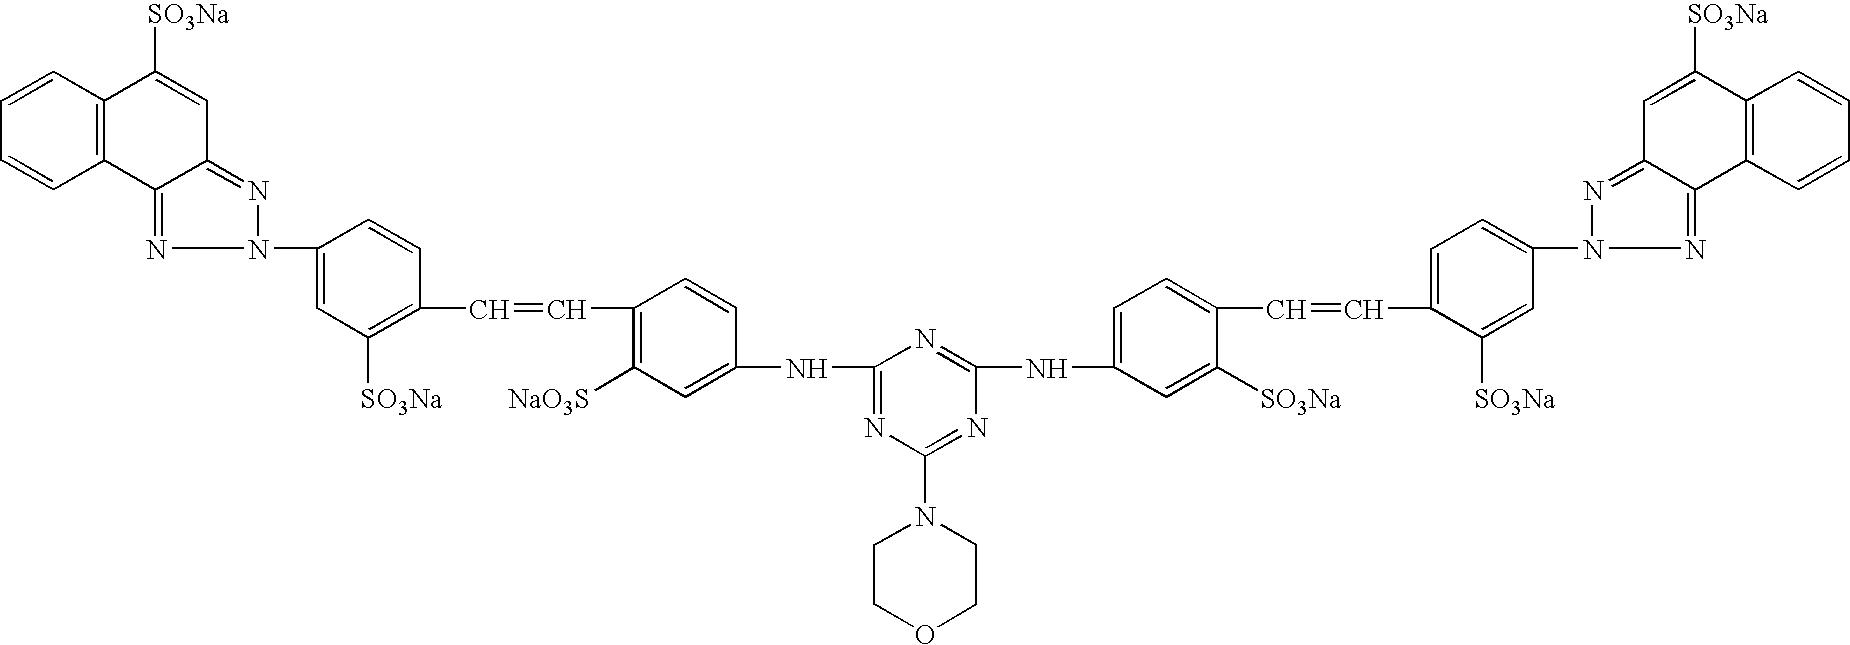 Figure US20060012657A1-20060119-C00012